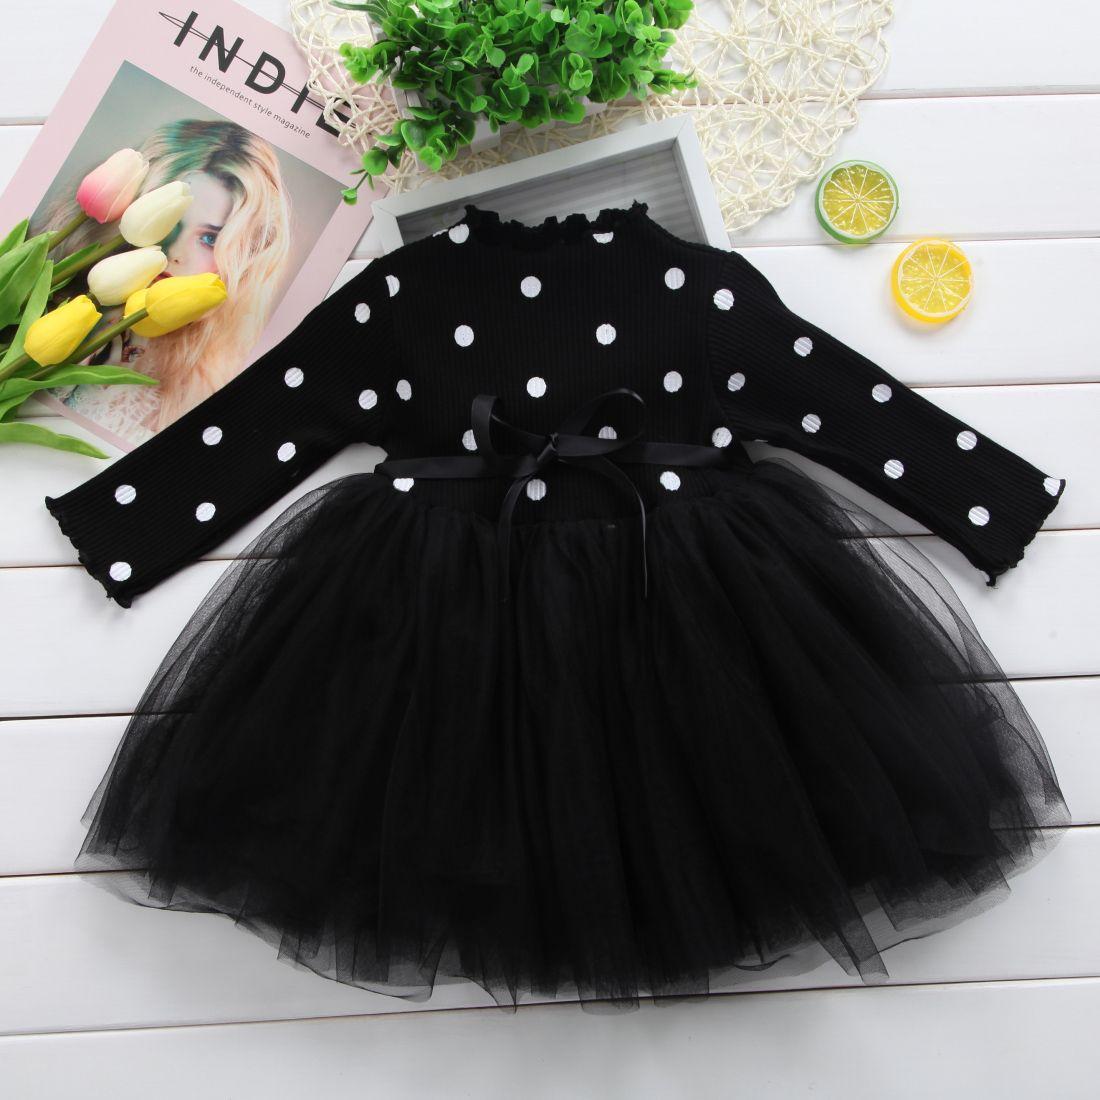 0-4 T Kind Mädchen Prinzessin Baby Kleid Neugeborenen Baby-kleidung ...